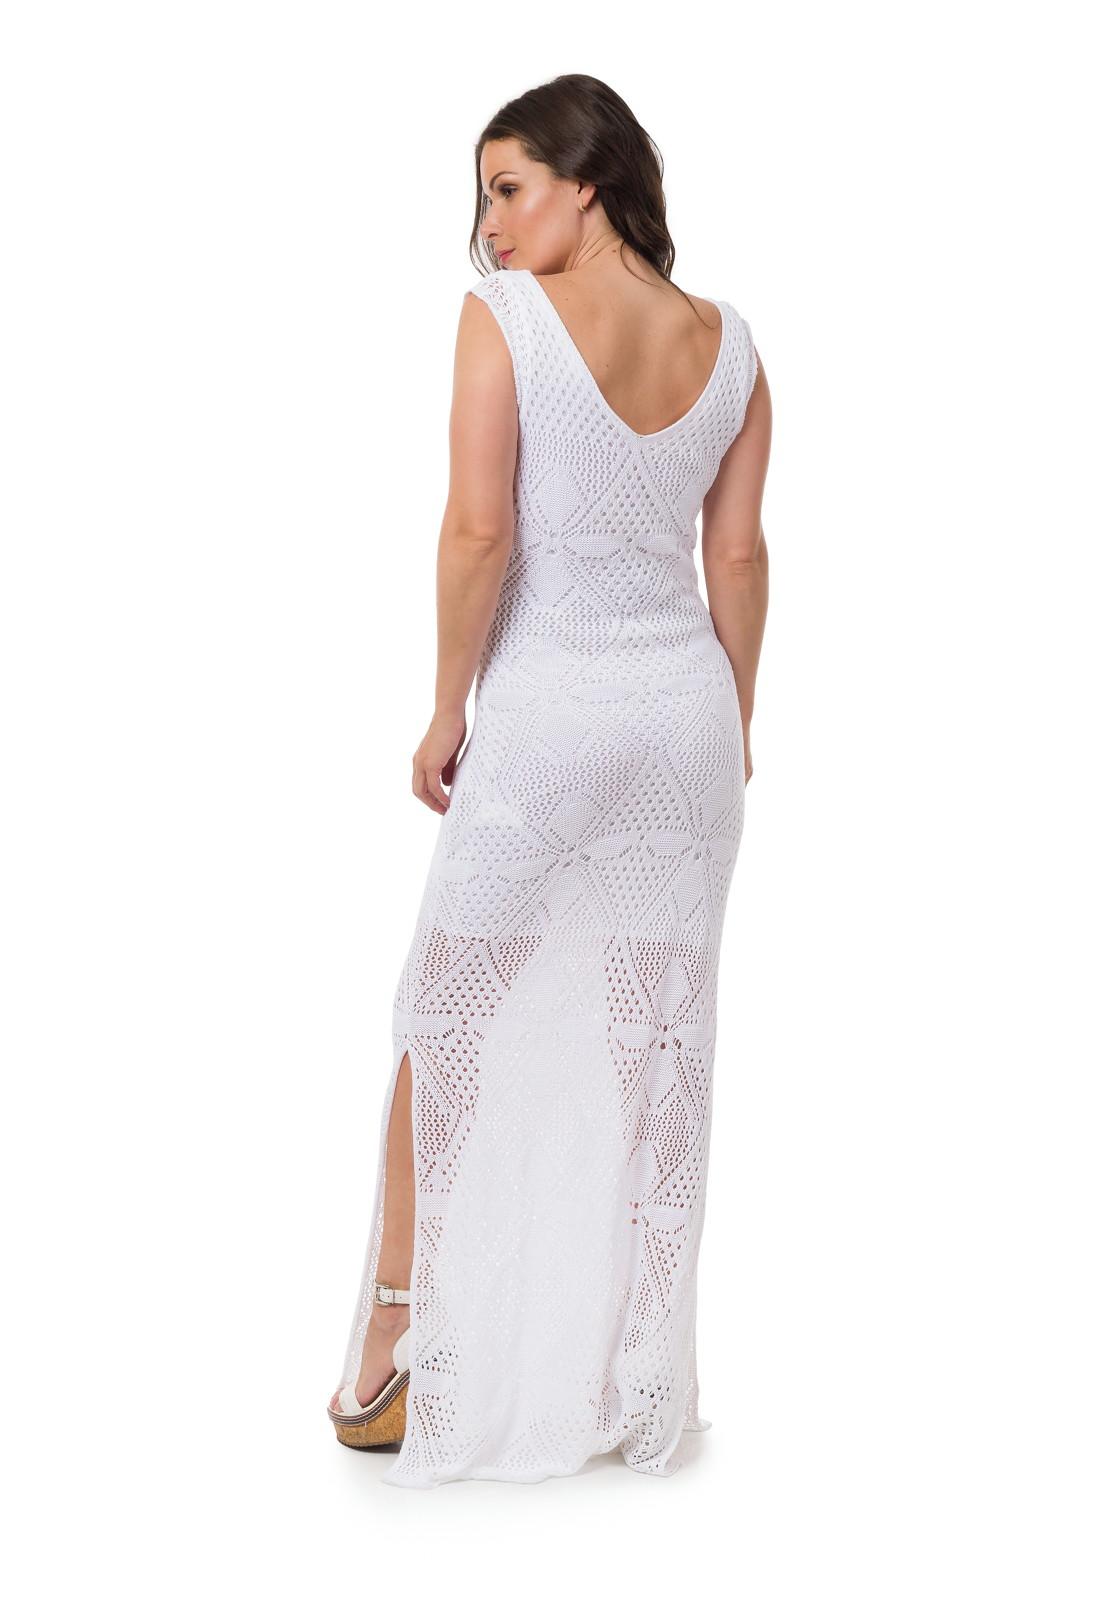 847227482 Vestido Longo Tricot Fendas Branco Frete Grátis 05054 no Elo7 | Loja Pink  Tricot (D69DEC)